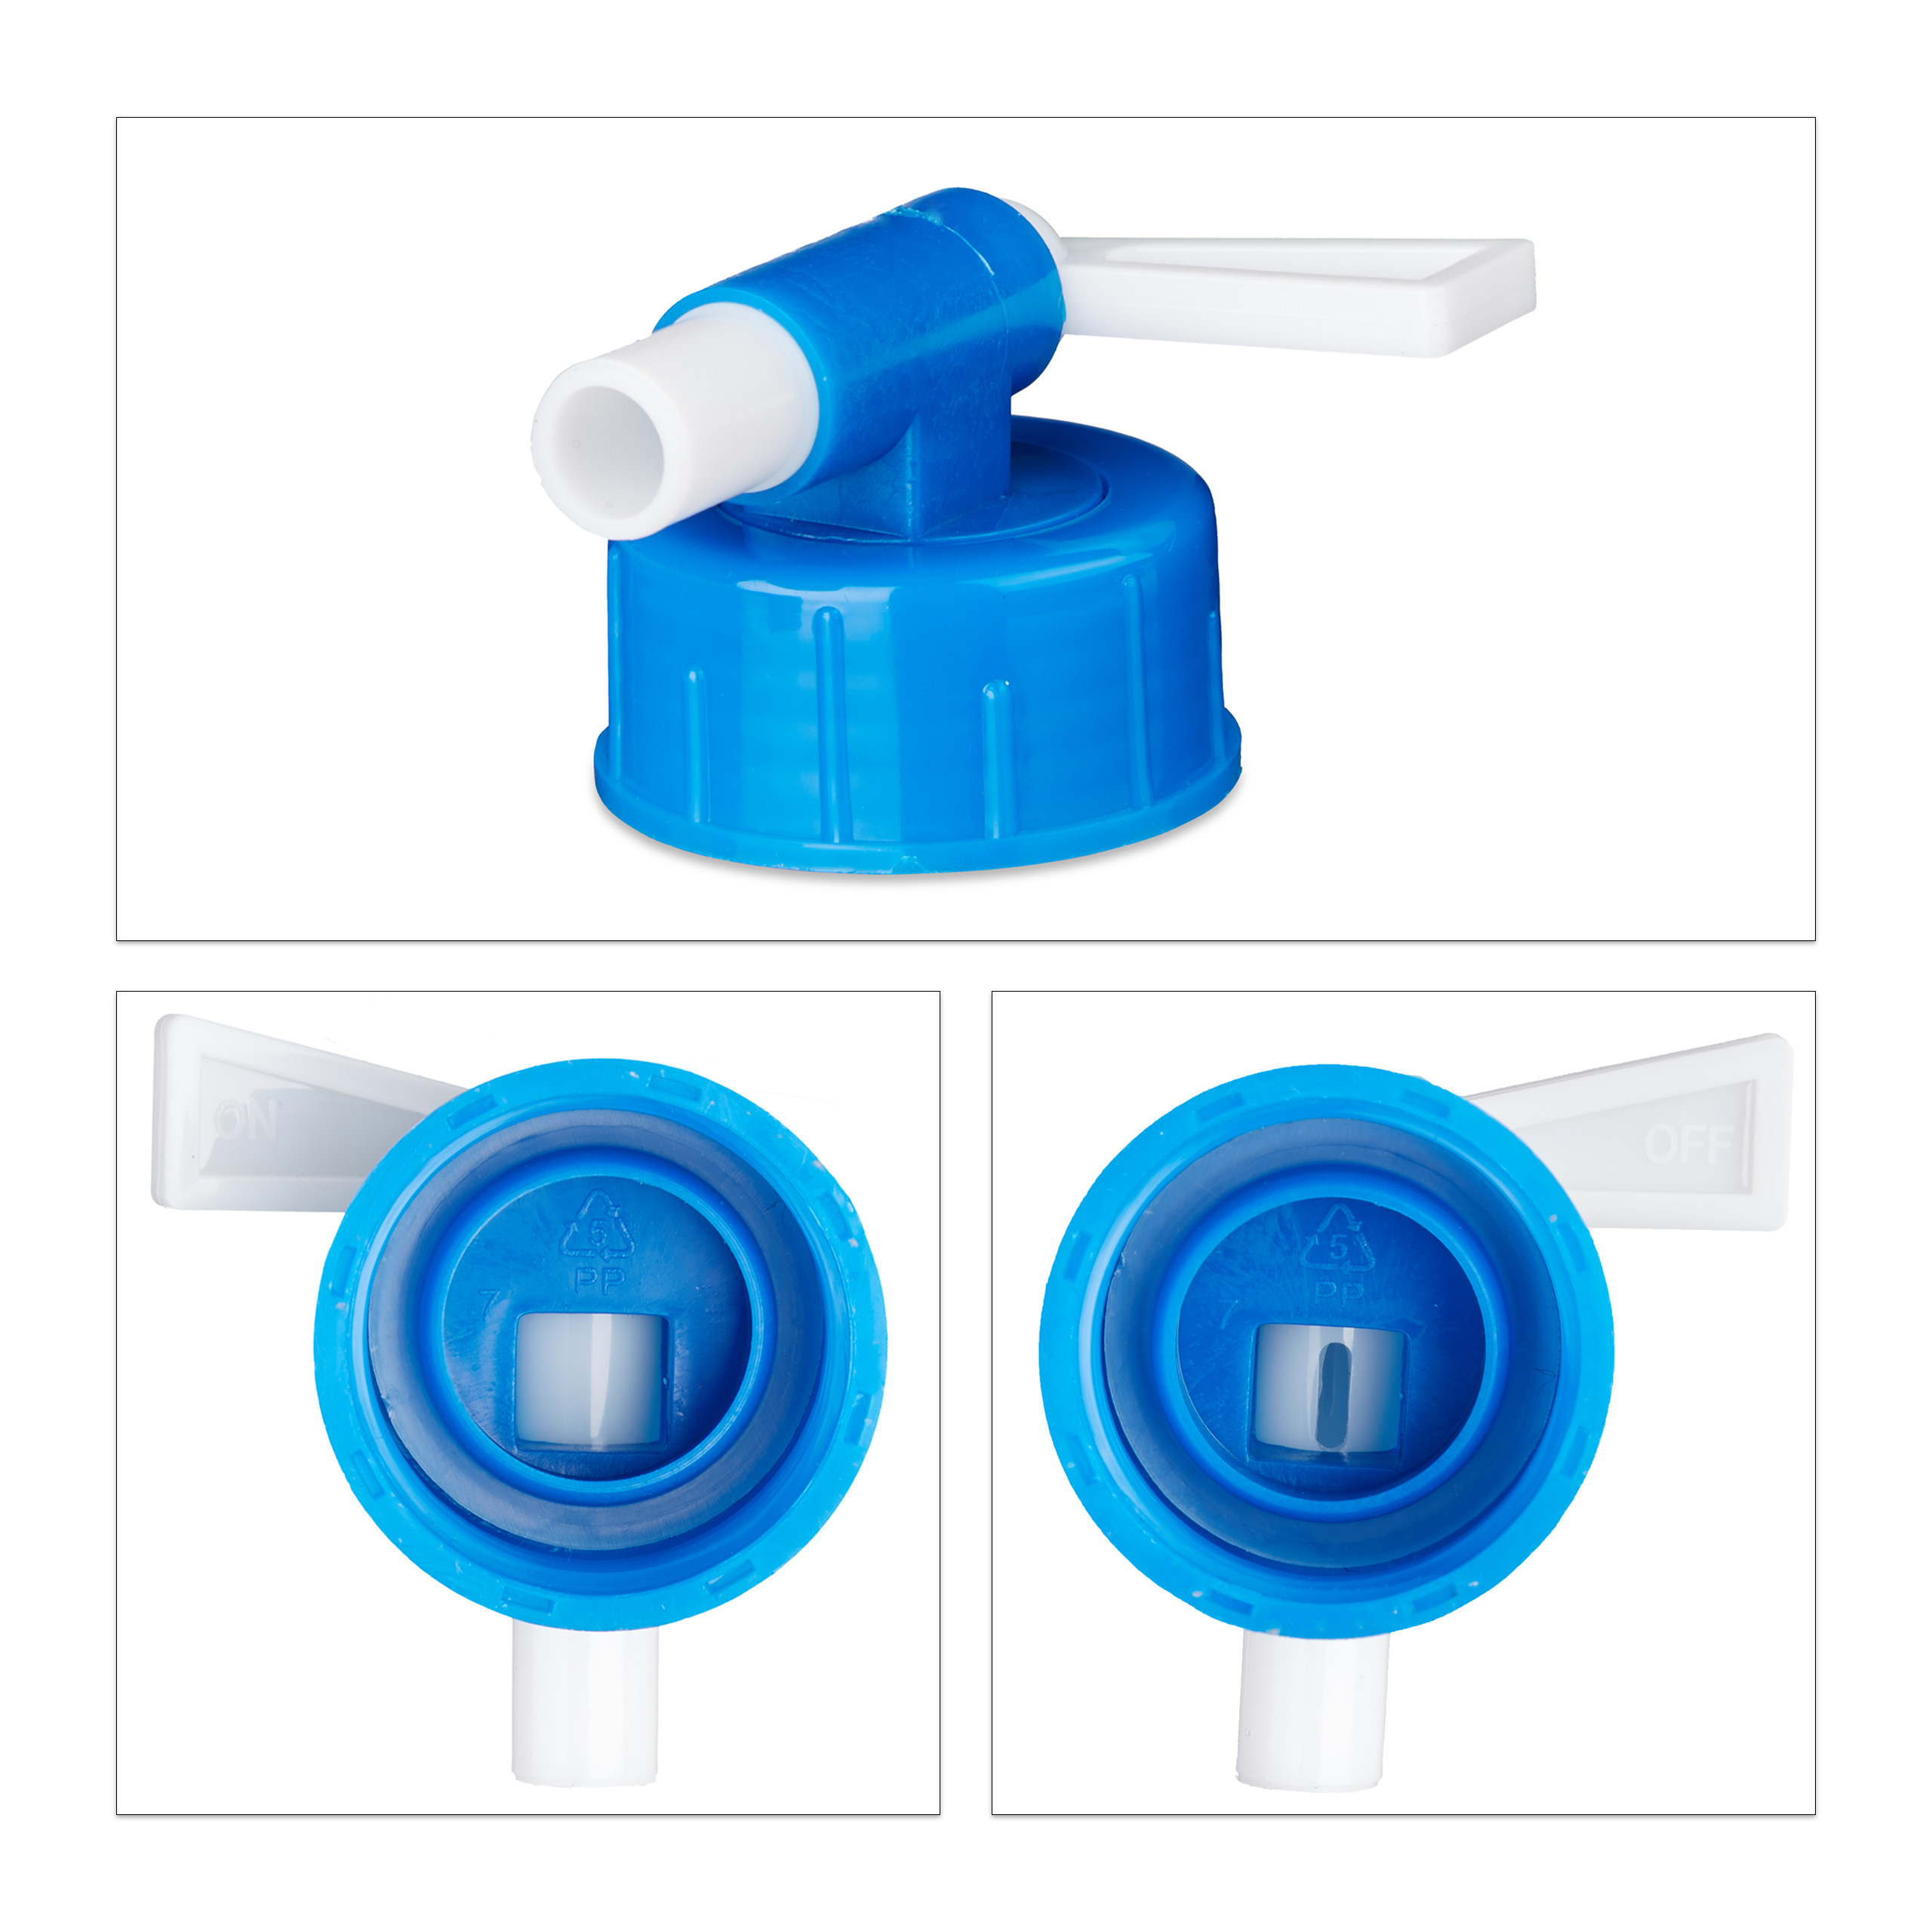 Indexbild 11 - Wasserkanister faltbar 4er Set Faltkanister Camping Trinkwasserkanister BPA frei